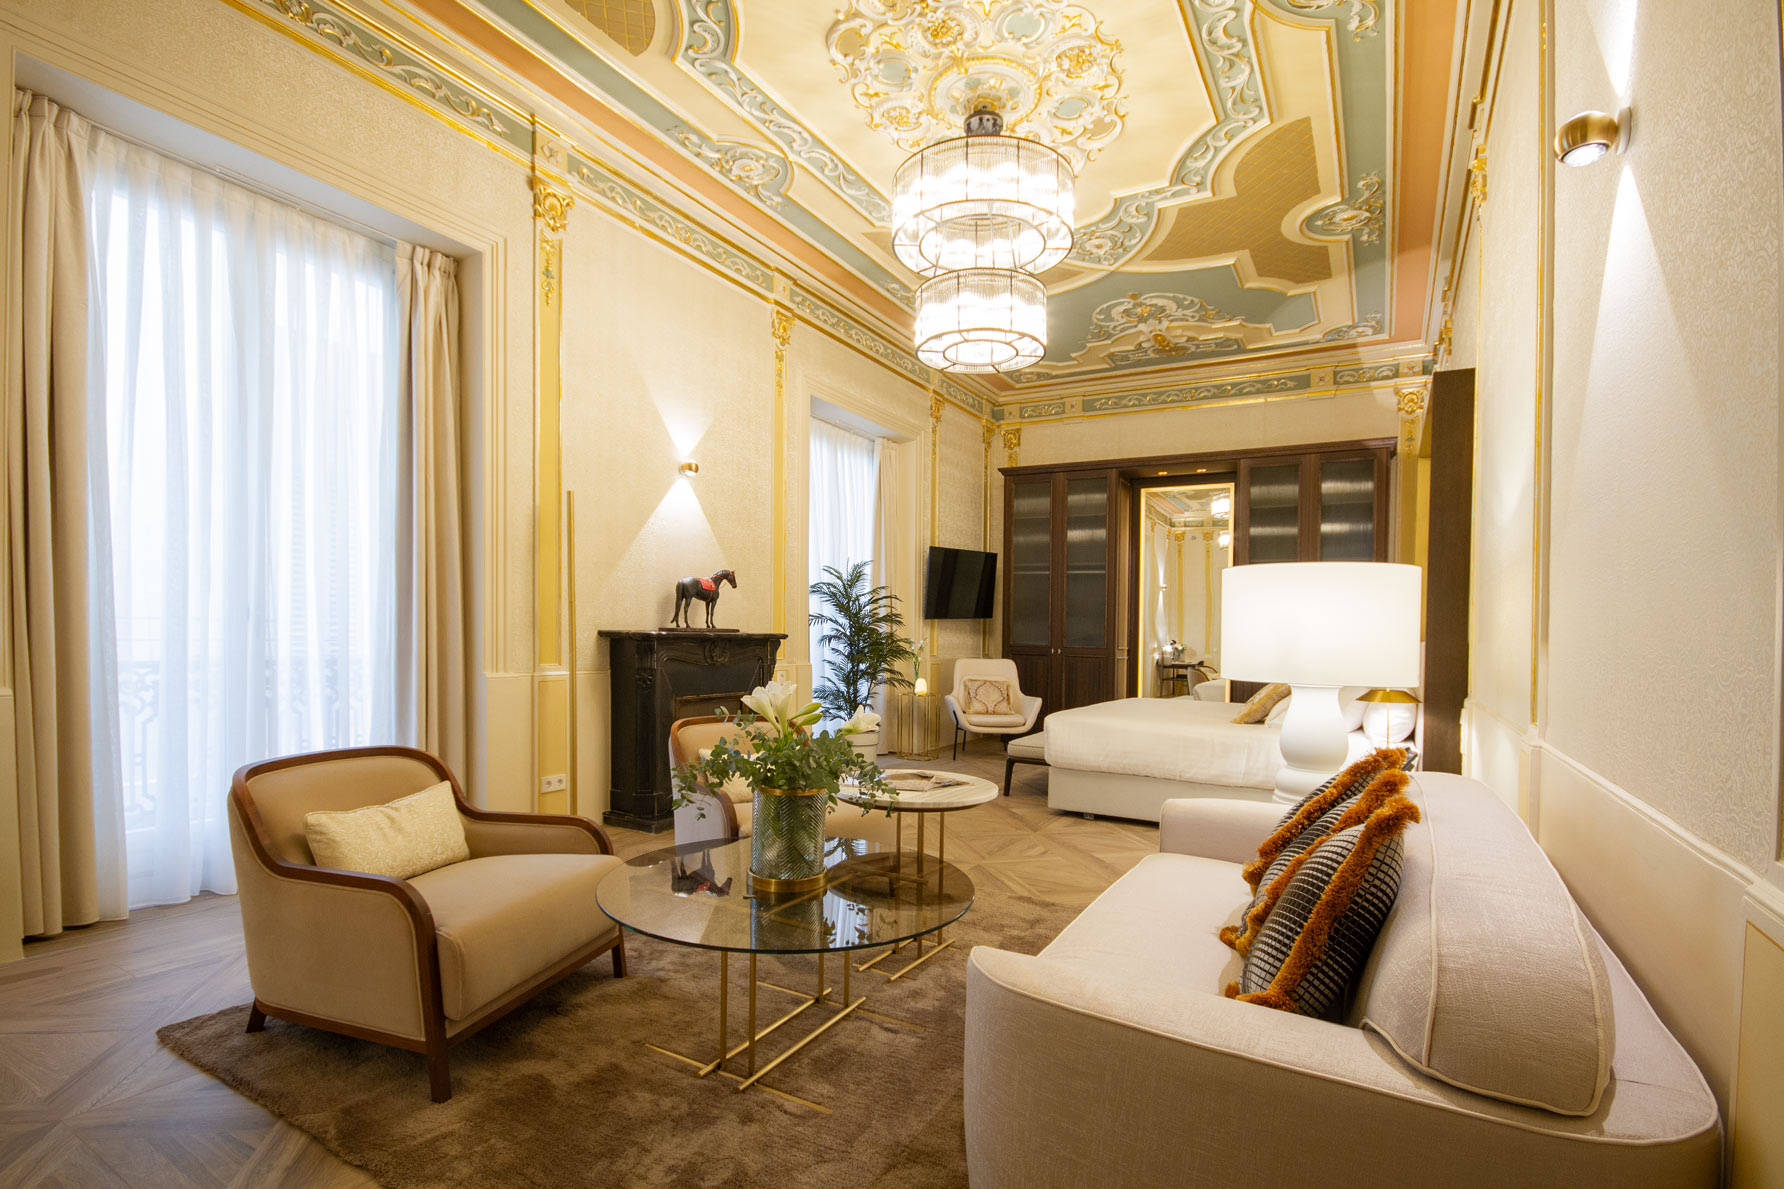 italica - hotel palacio vallier - web - 13